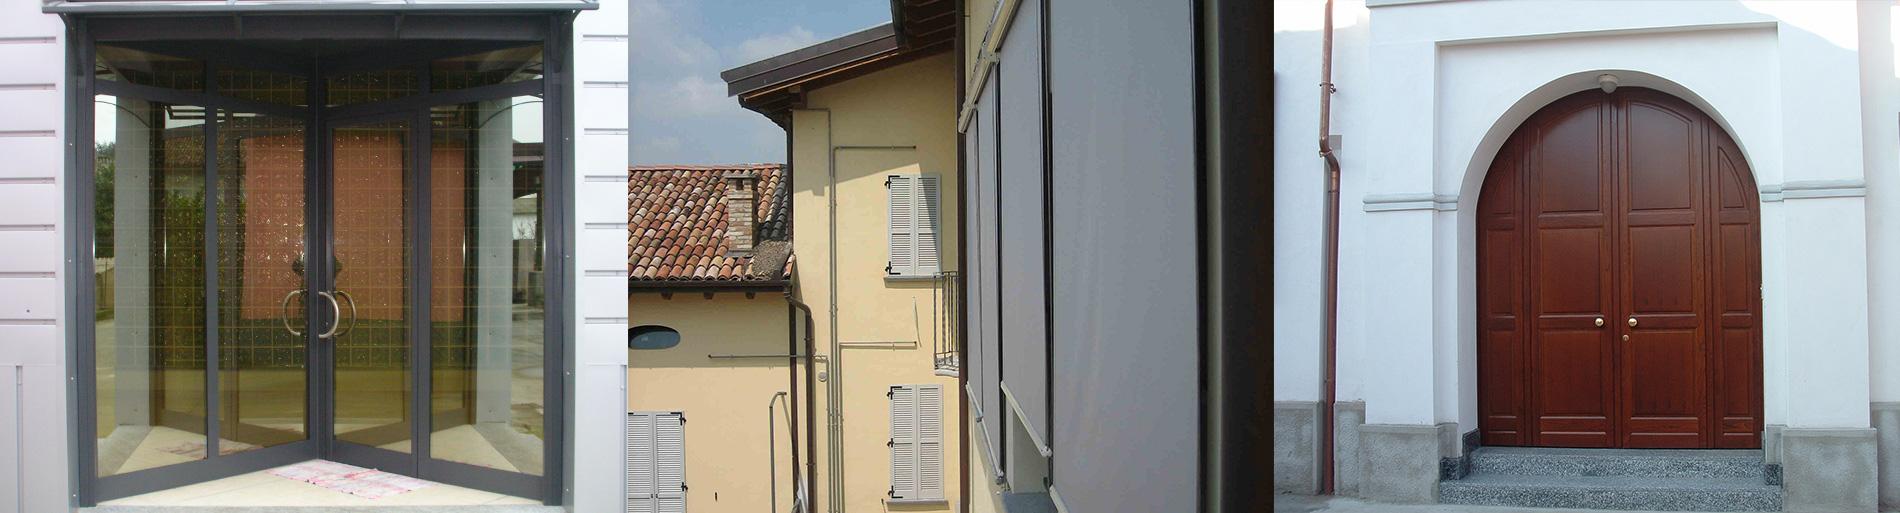 sostituzione serramenti condominio